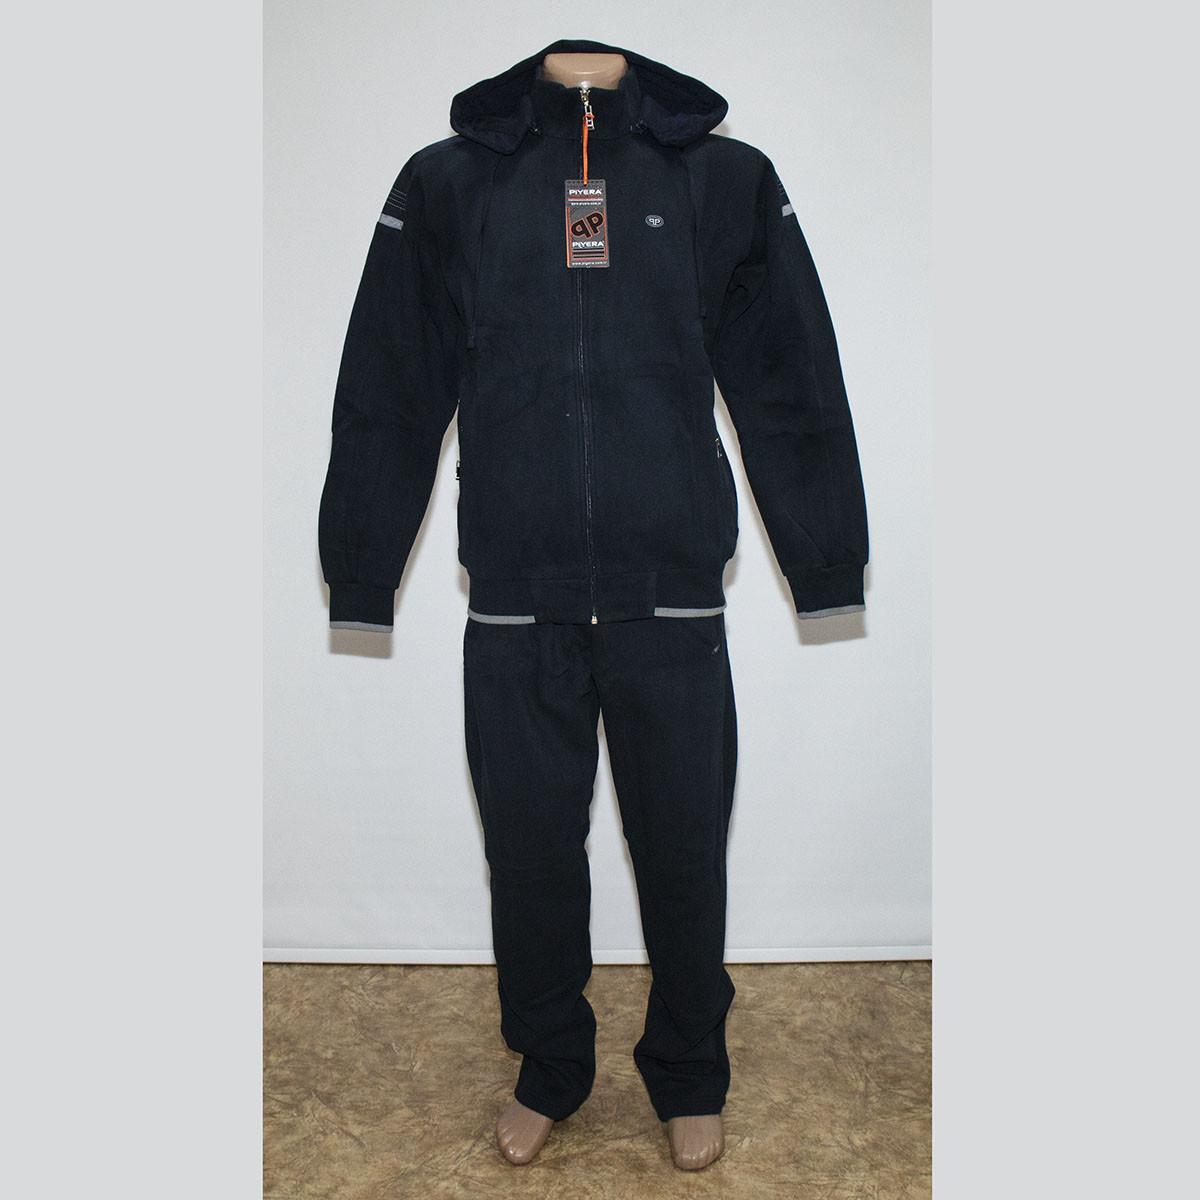 0fc785f80f6 Мужской теплый спортивный костюм с капюшоном пр-во Турция Piyera 5022